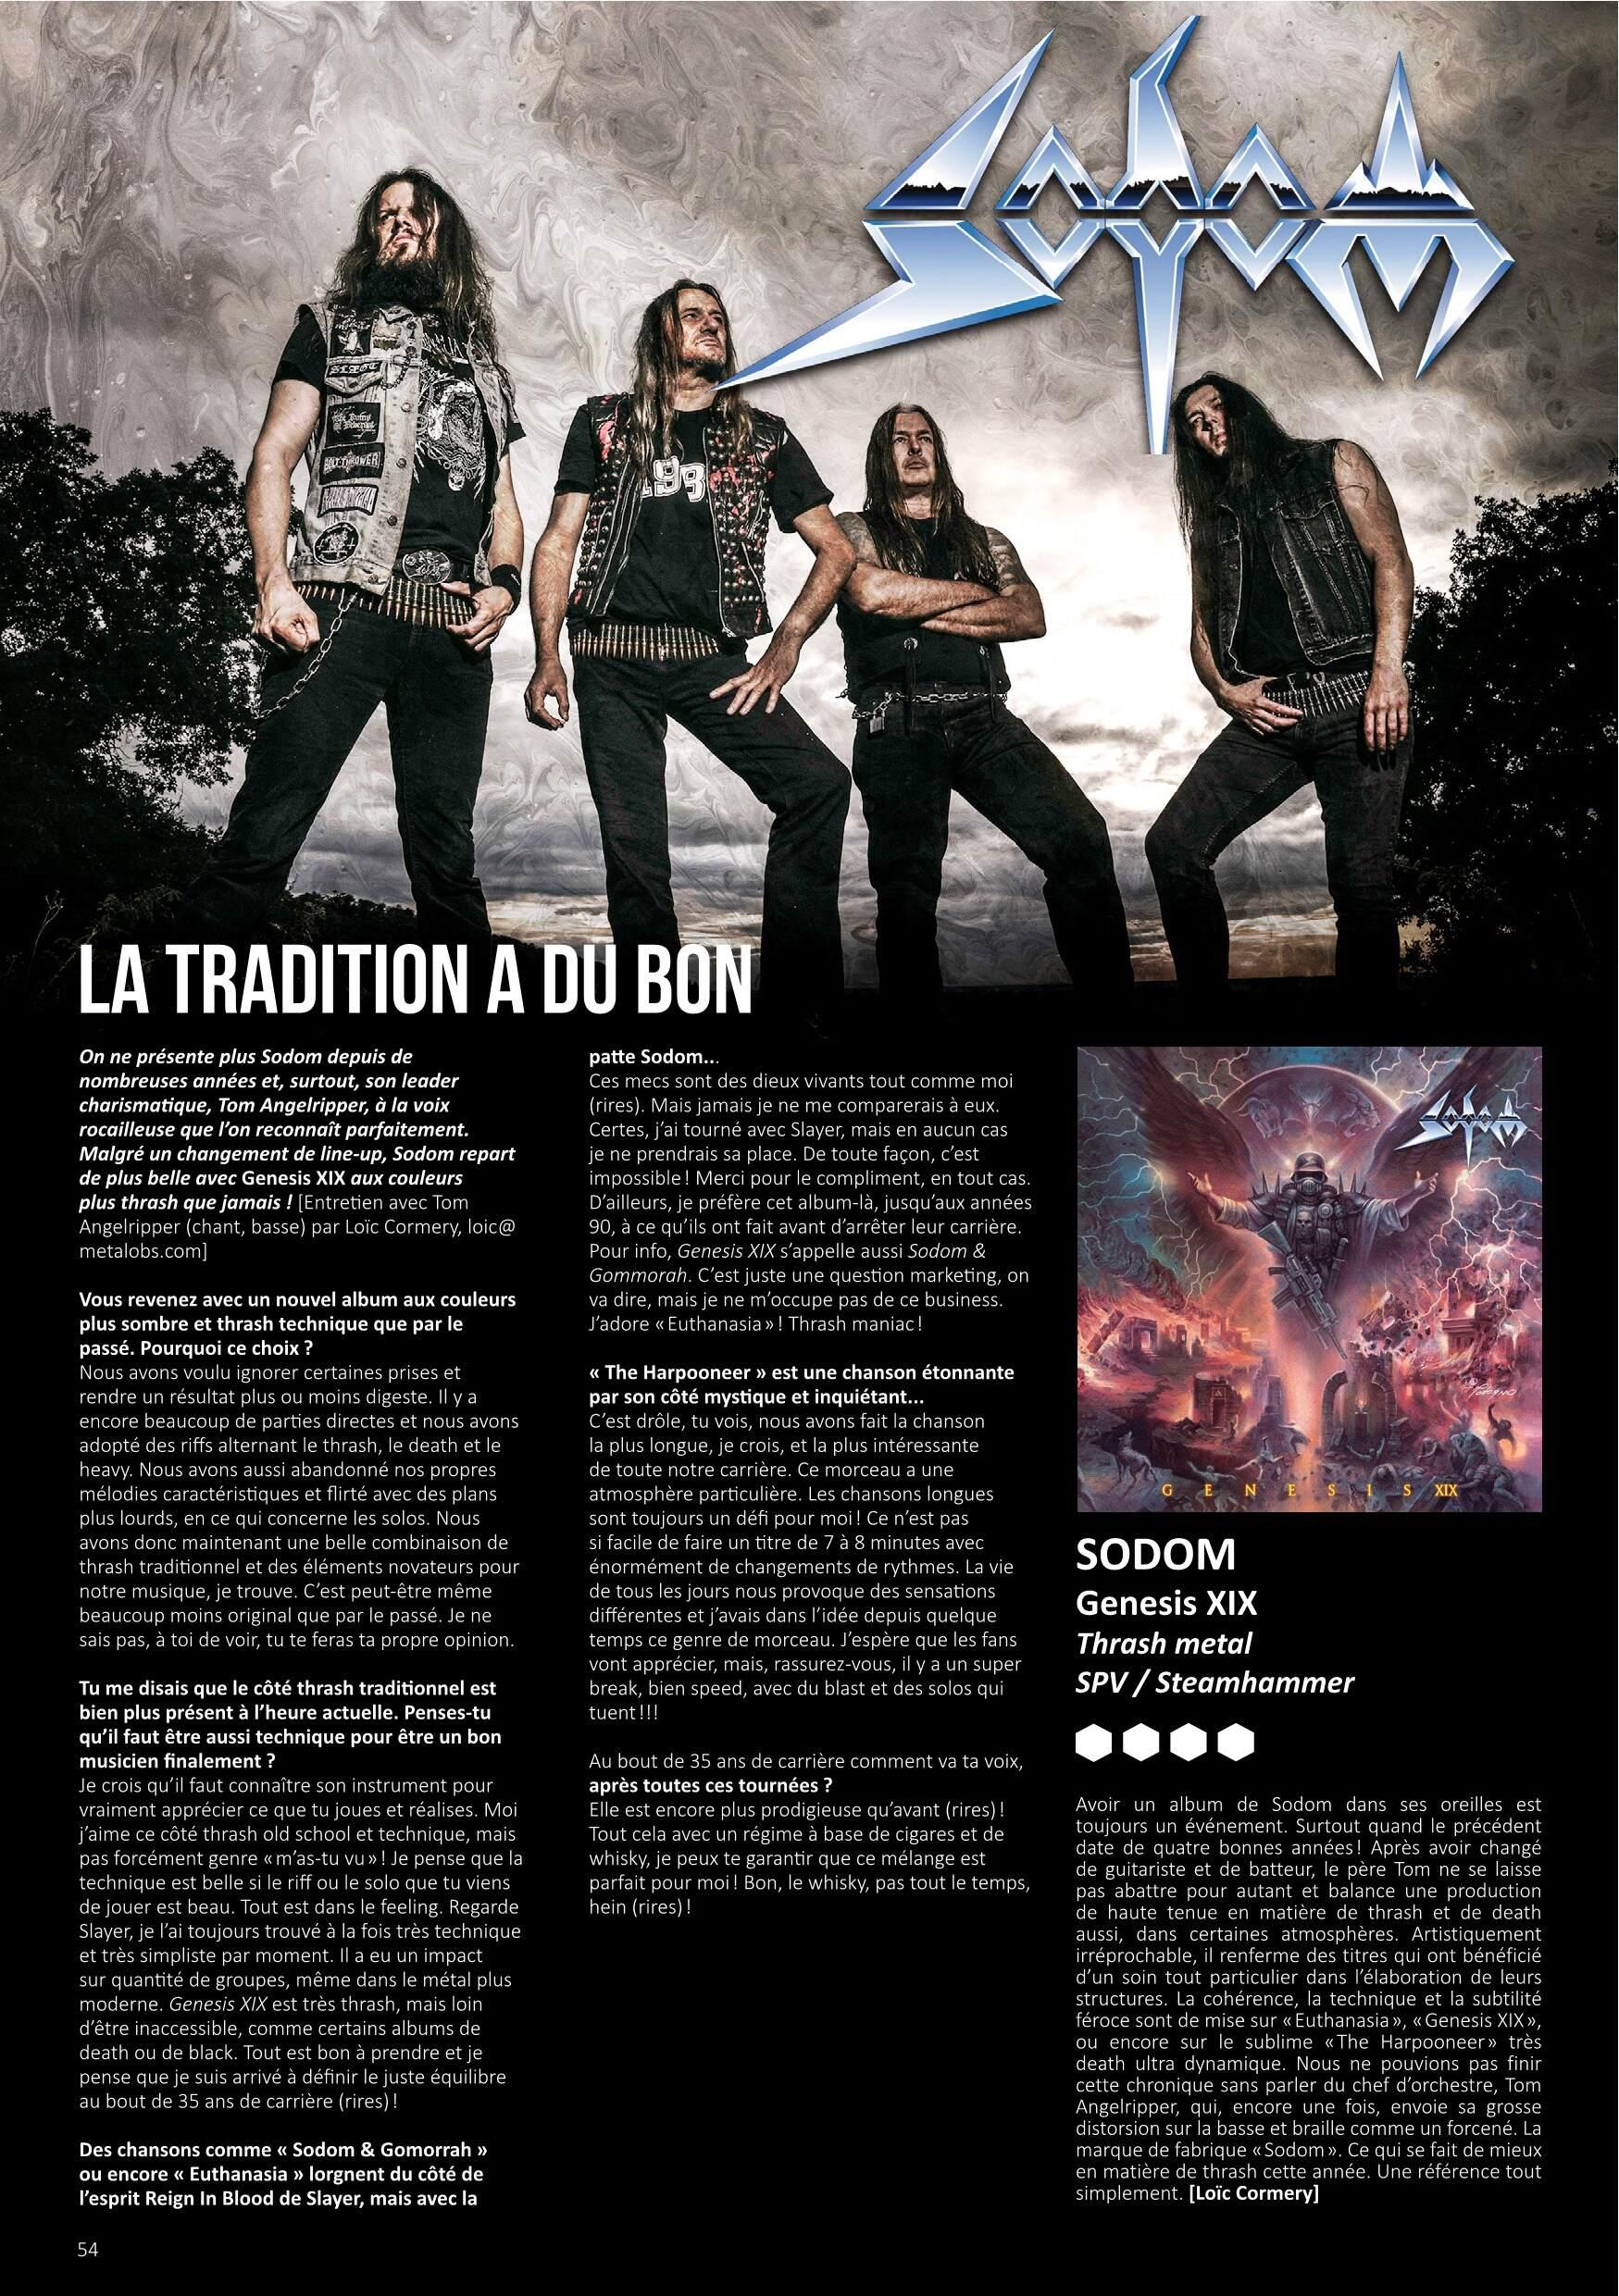 SODOM en studio pour un album cette année ... / sortie le 27 novembre ! Metal-13